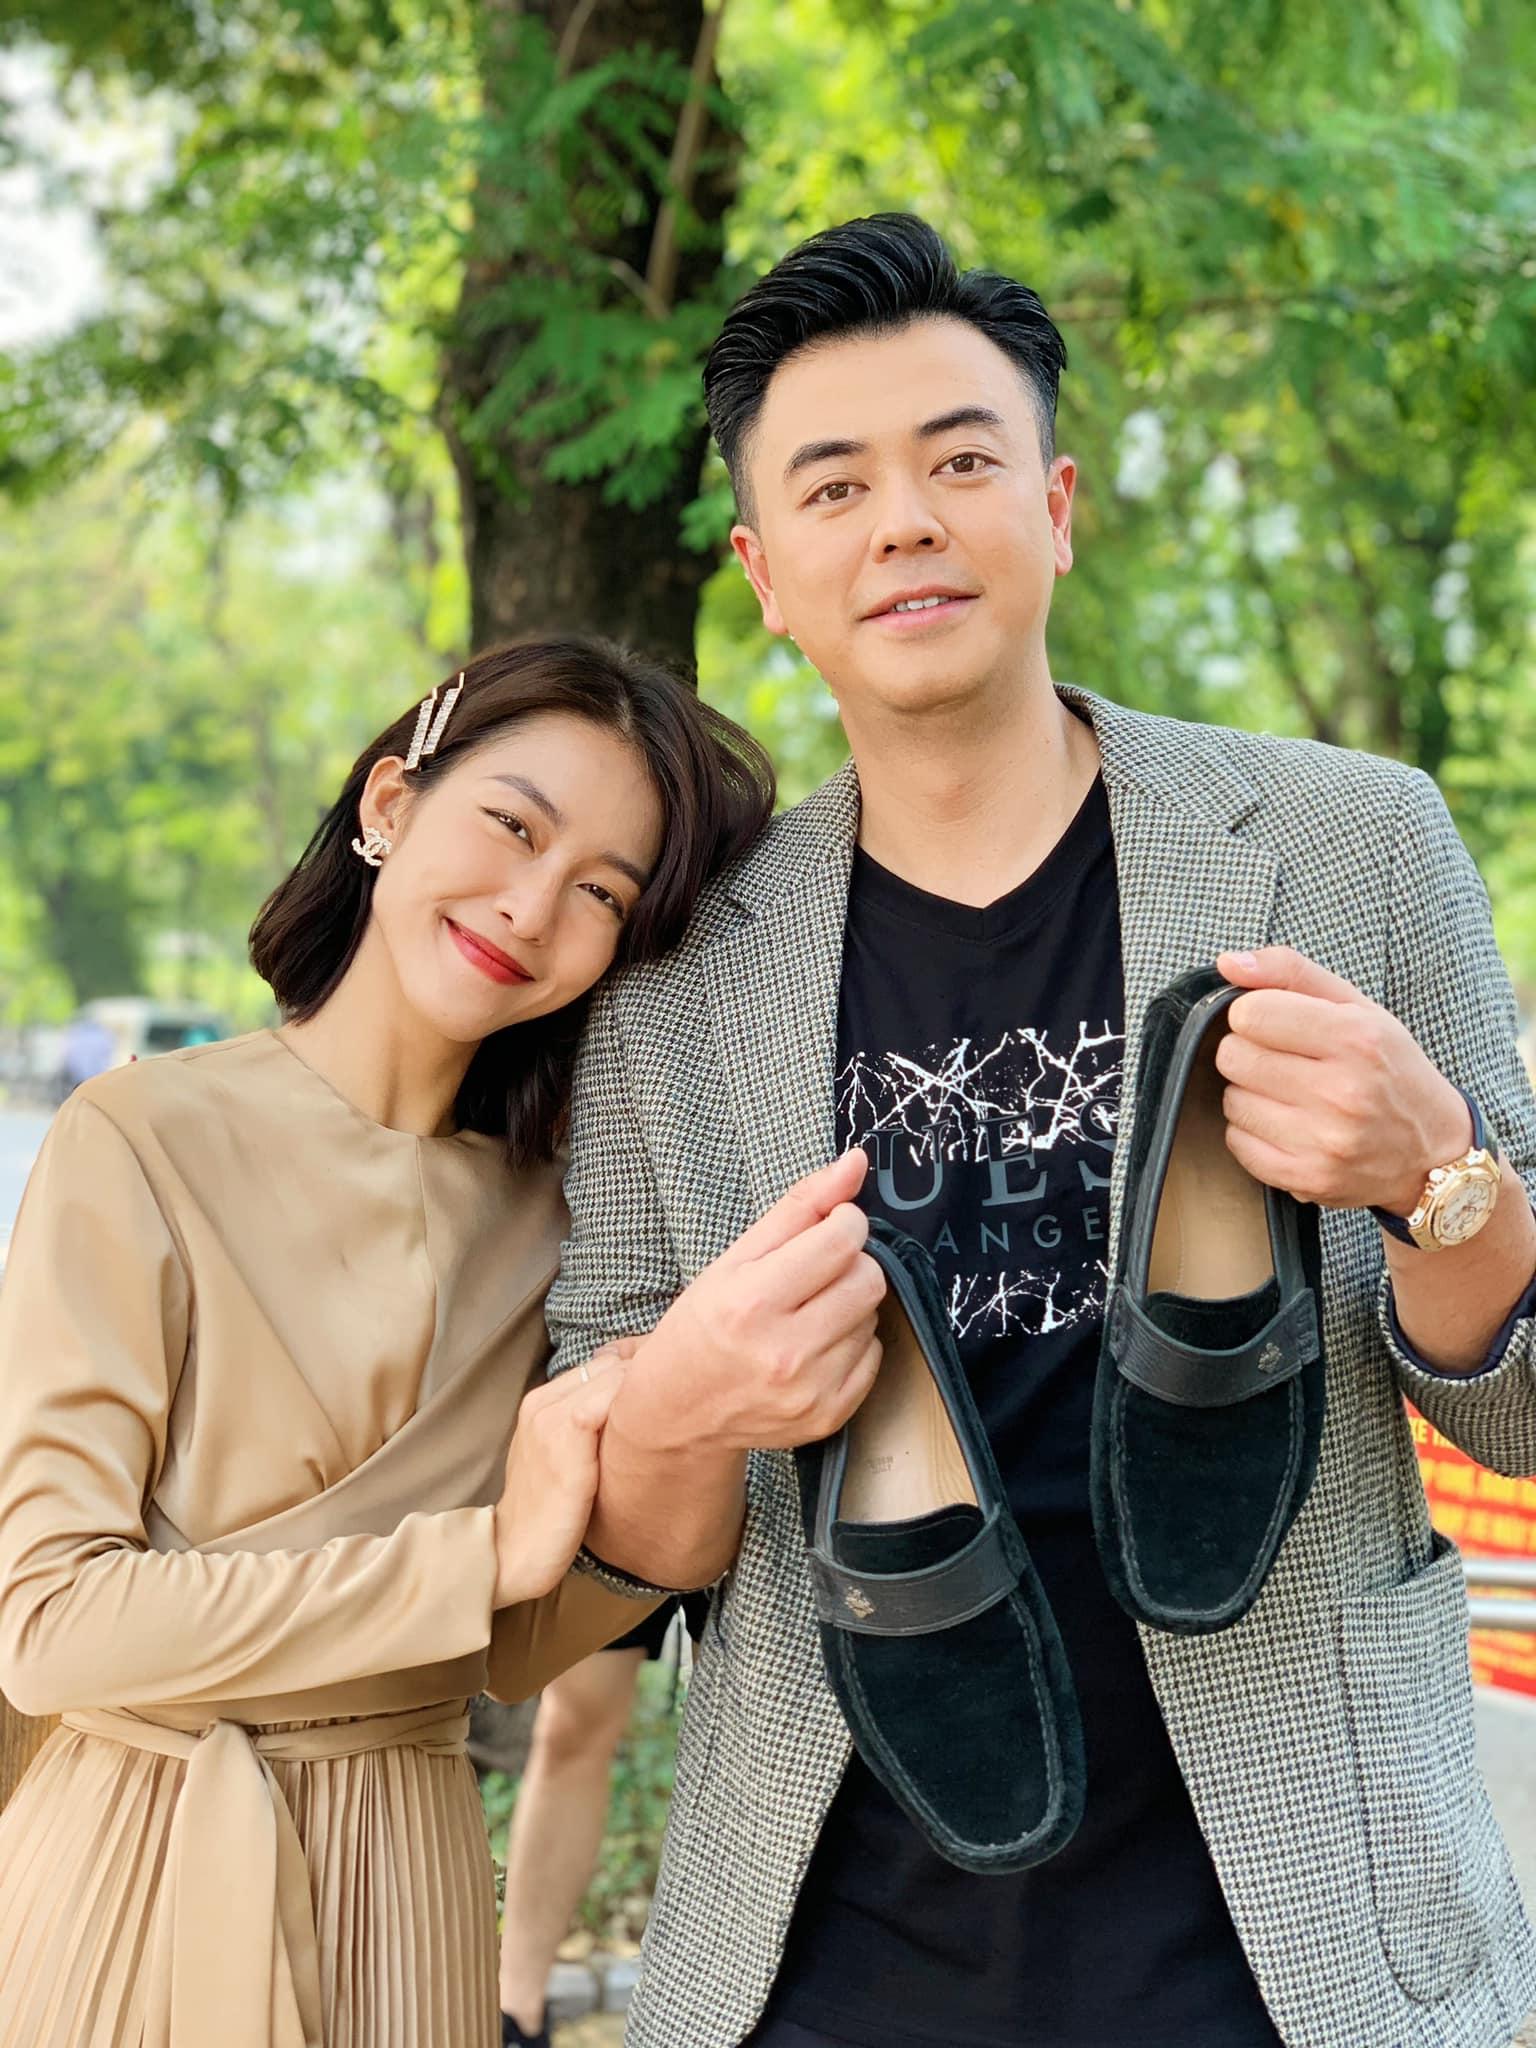 11 tháng 5 ngày: Xem lại loạt ảnh đẹp đưa tiễn cuộc tình Nhi - Thuận, Tuấn Tú hé lộ còn quay trở lại chưa hết vai - Ảnh 6.